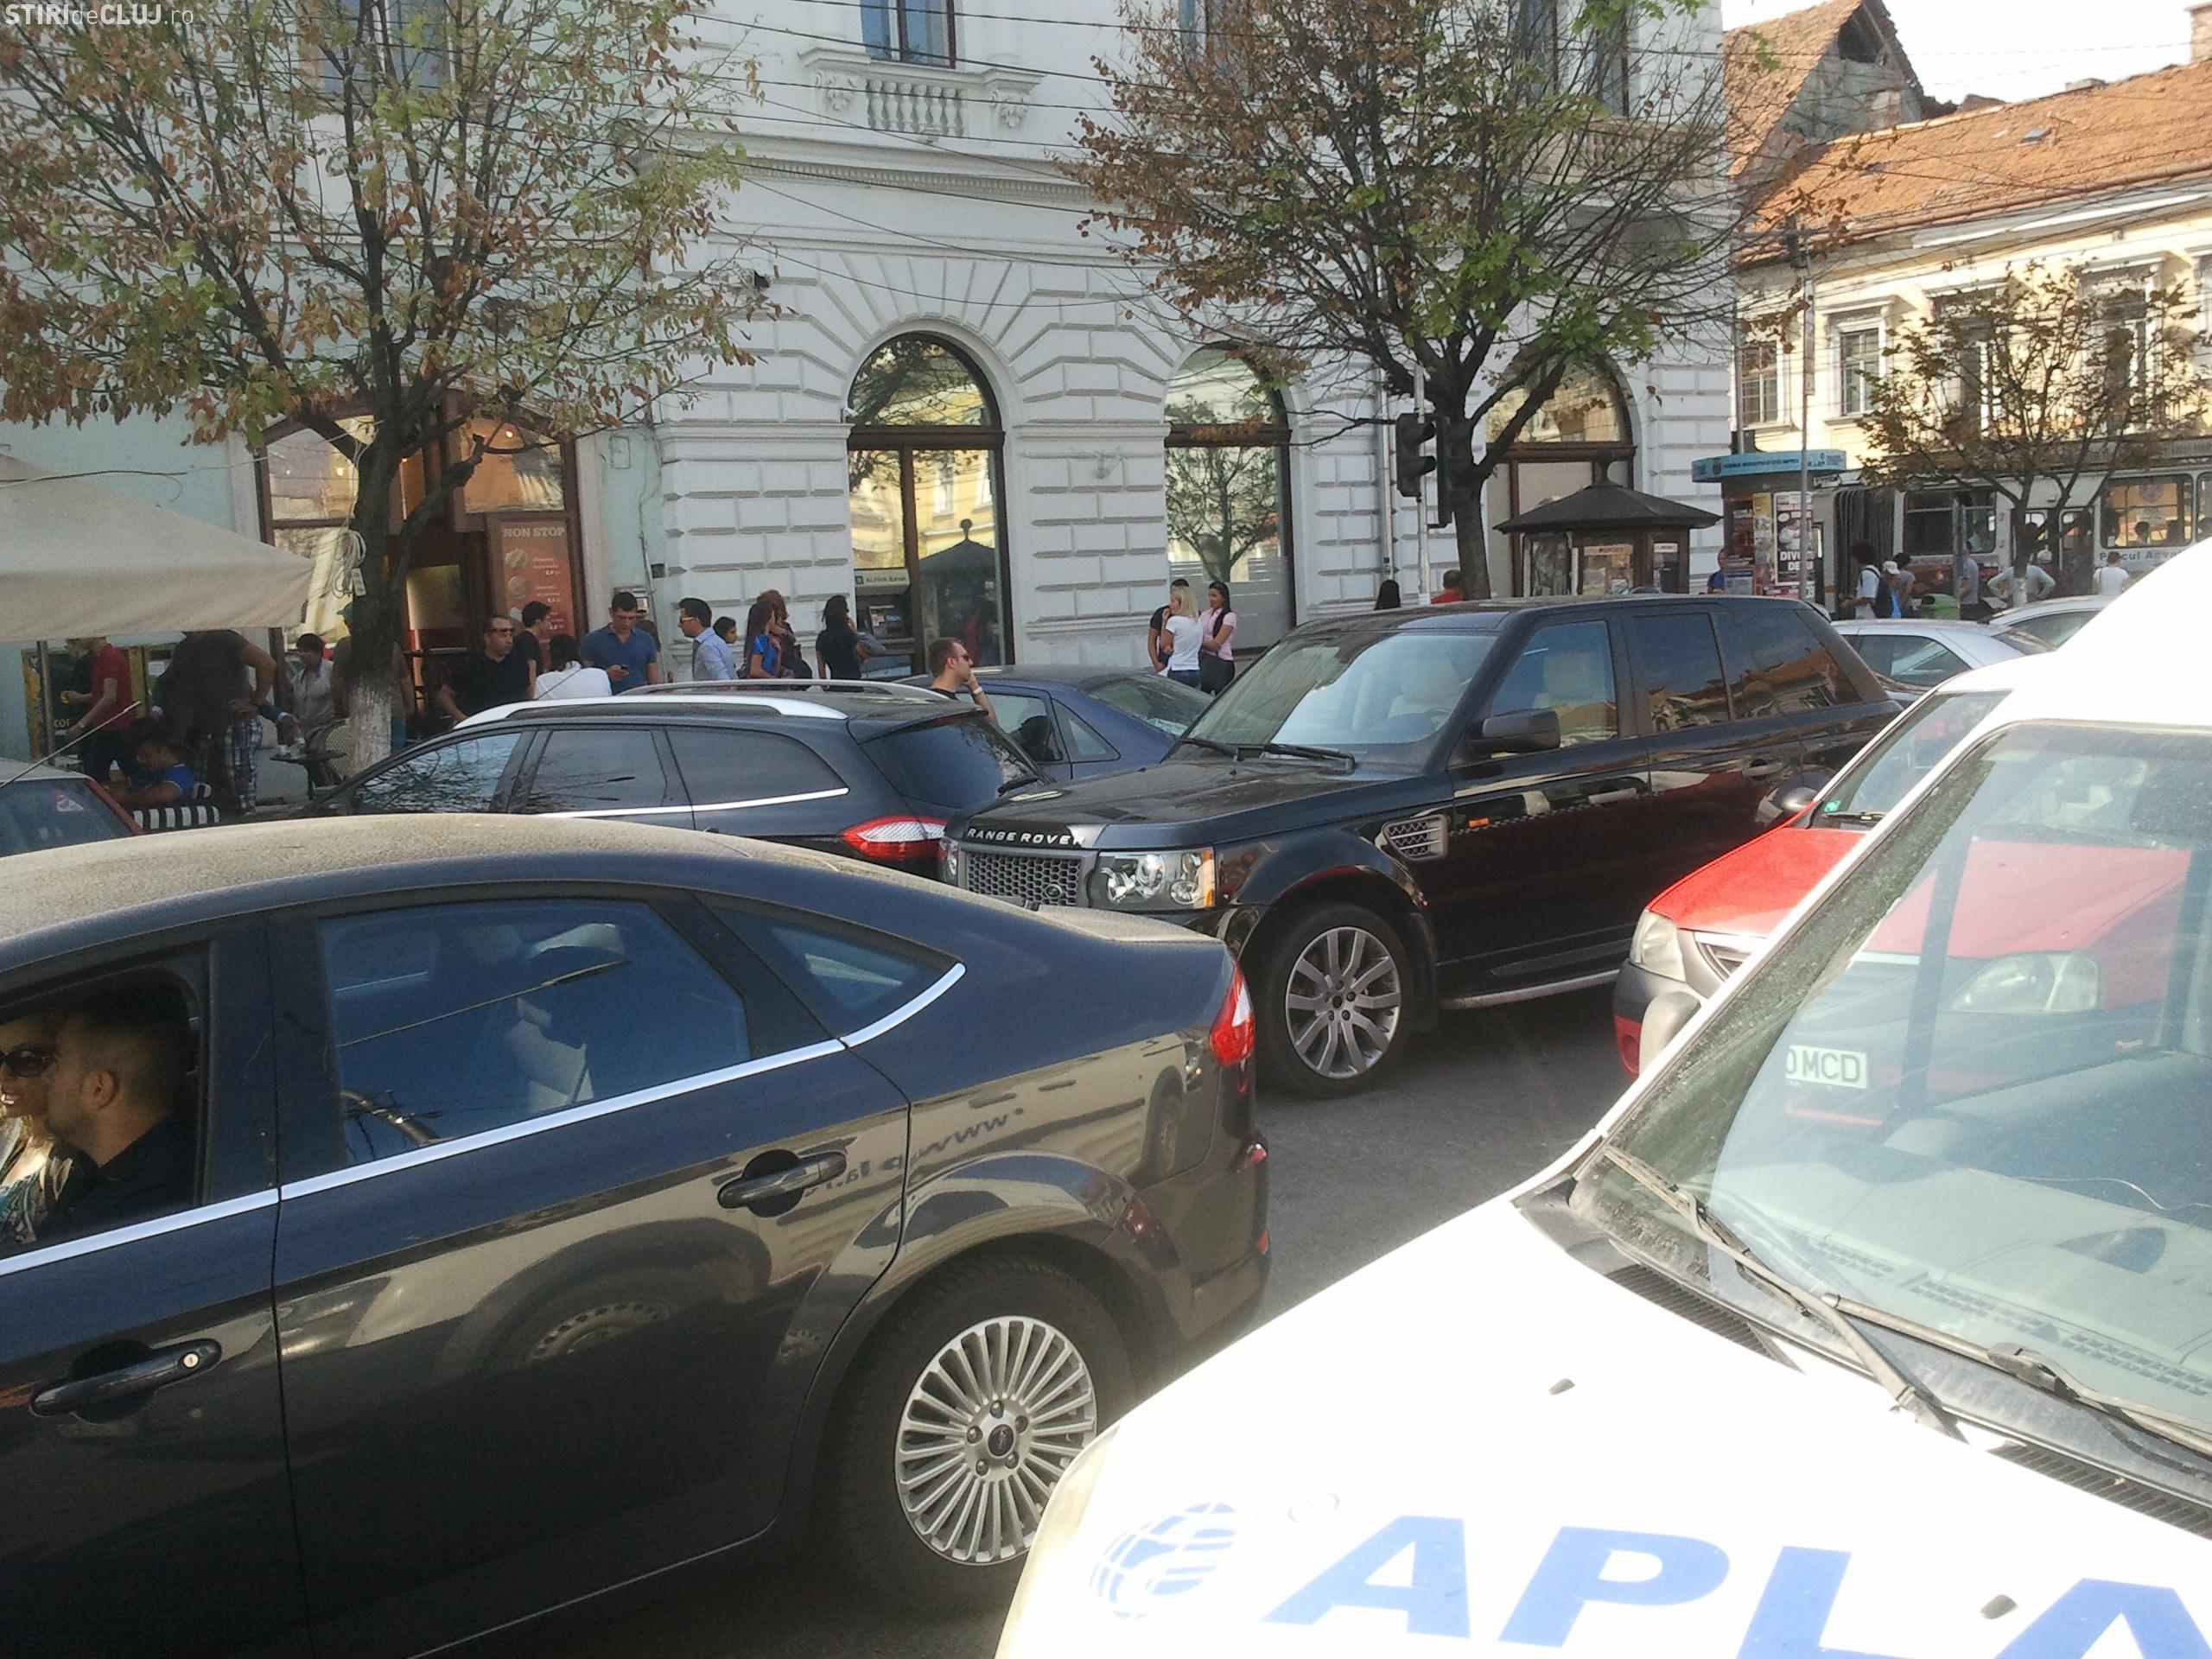 Propunere pentru un trafic decent în Cluj-Napoca: TAXA DE CENTRU. Șmecherii de cafenea să plătească